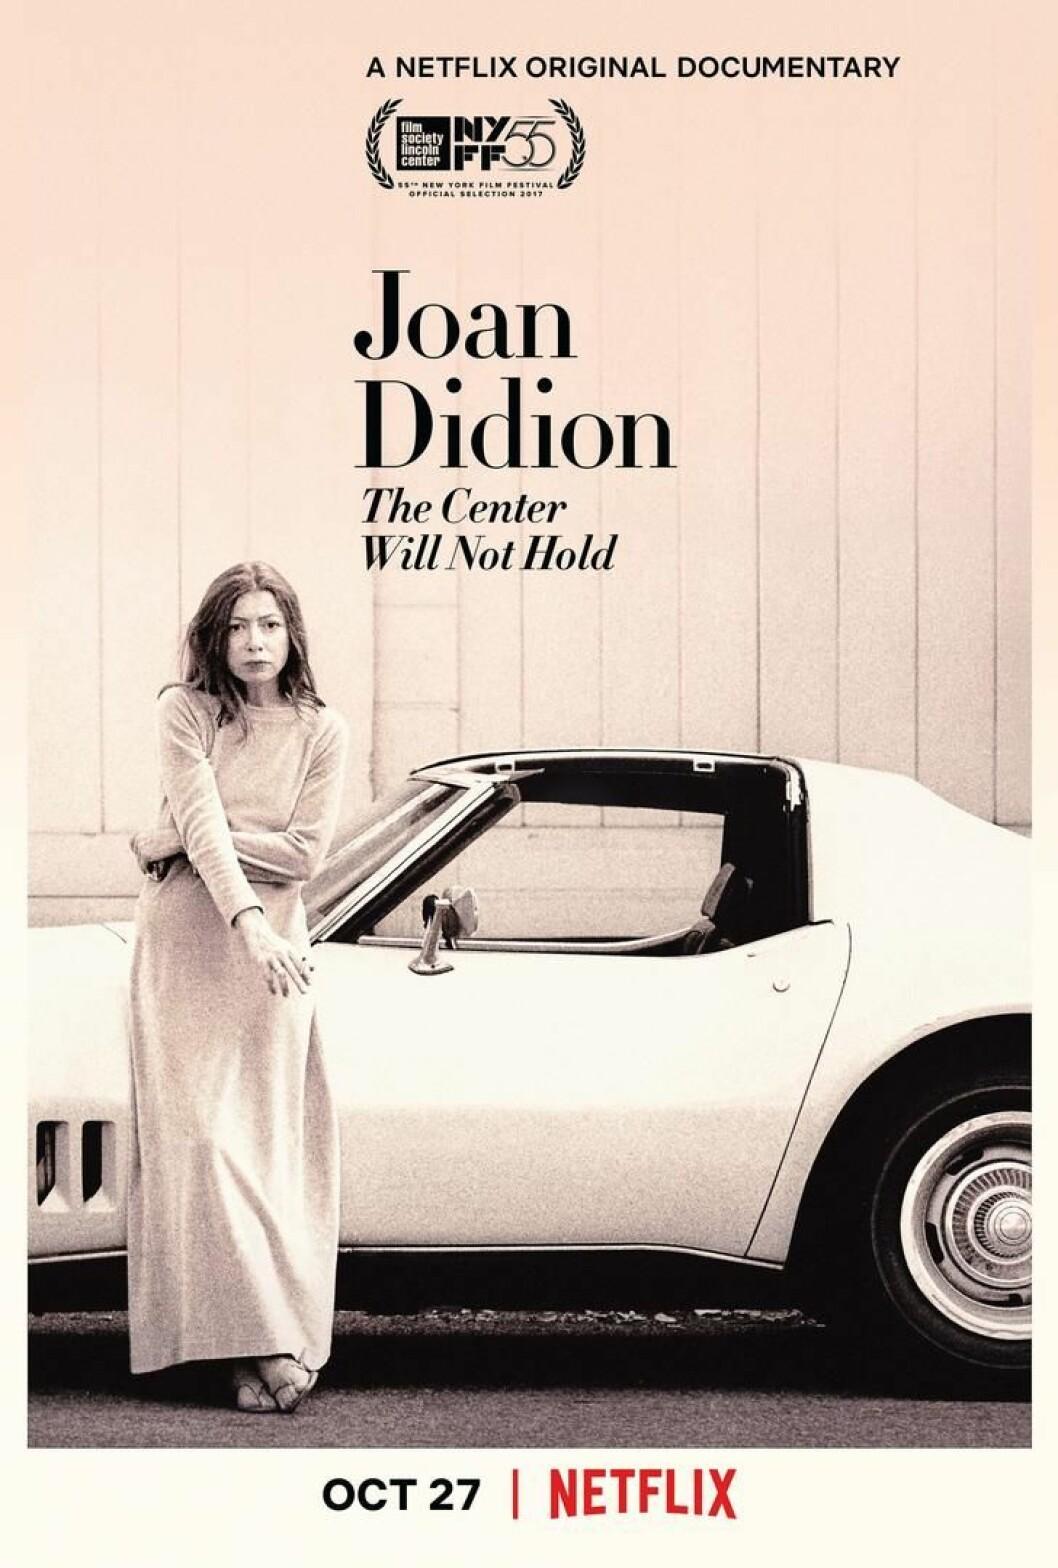 Dokumentären Joan Didion: The Center Will Not Hold